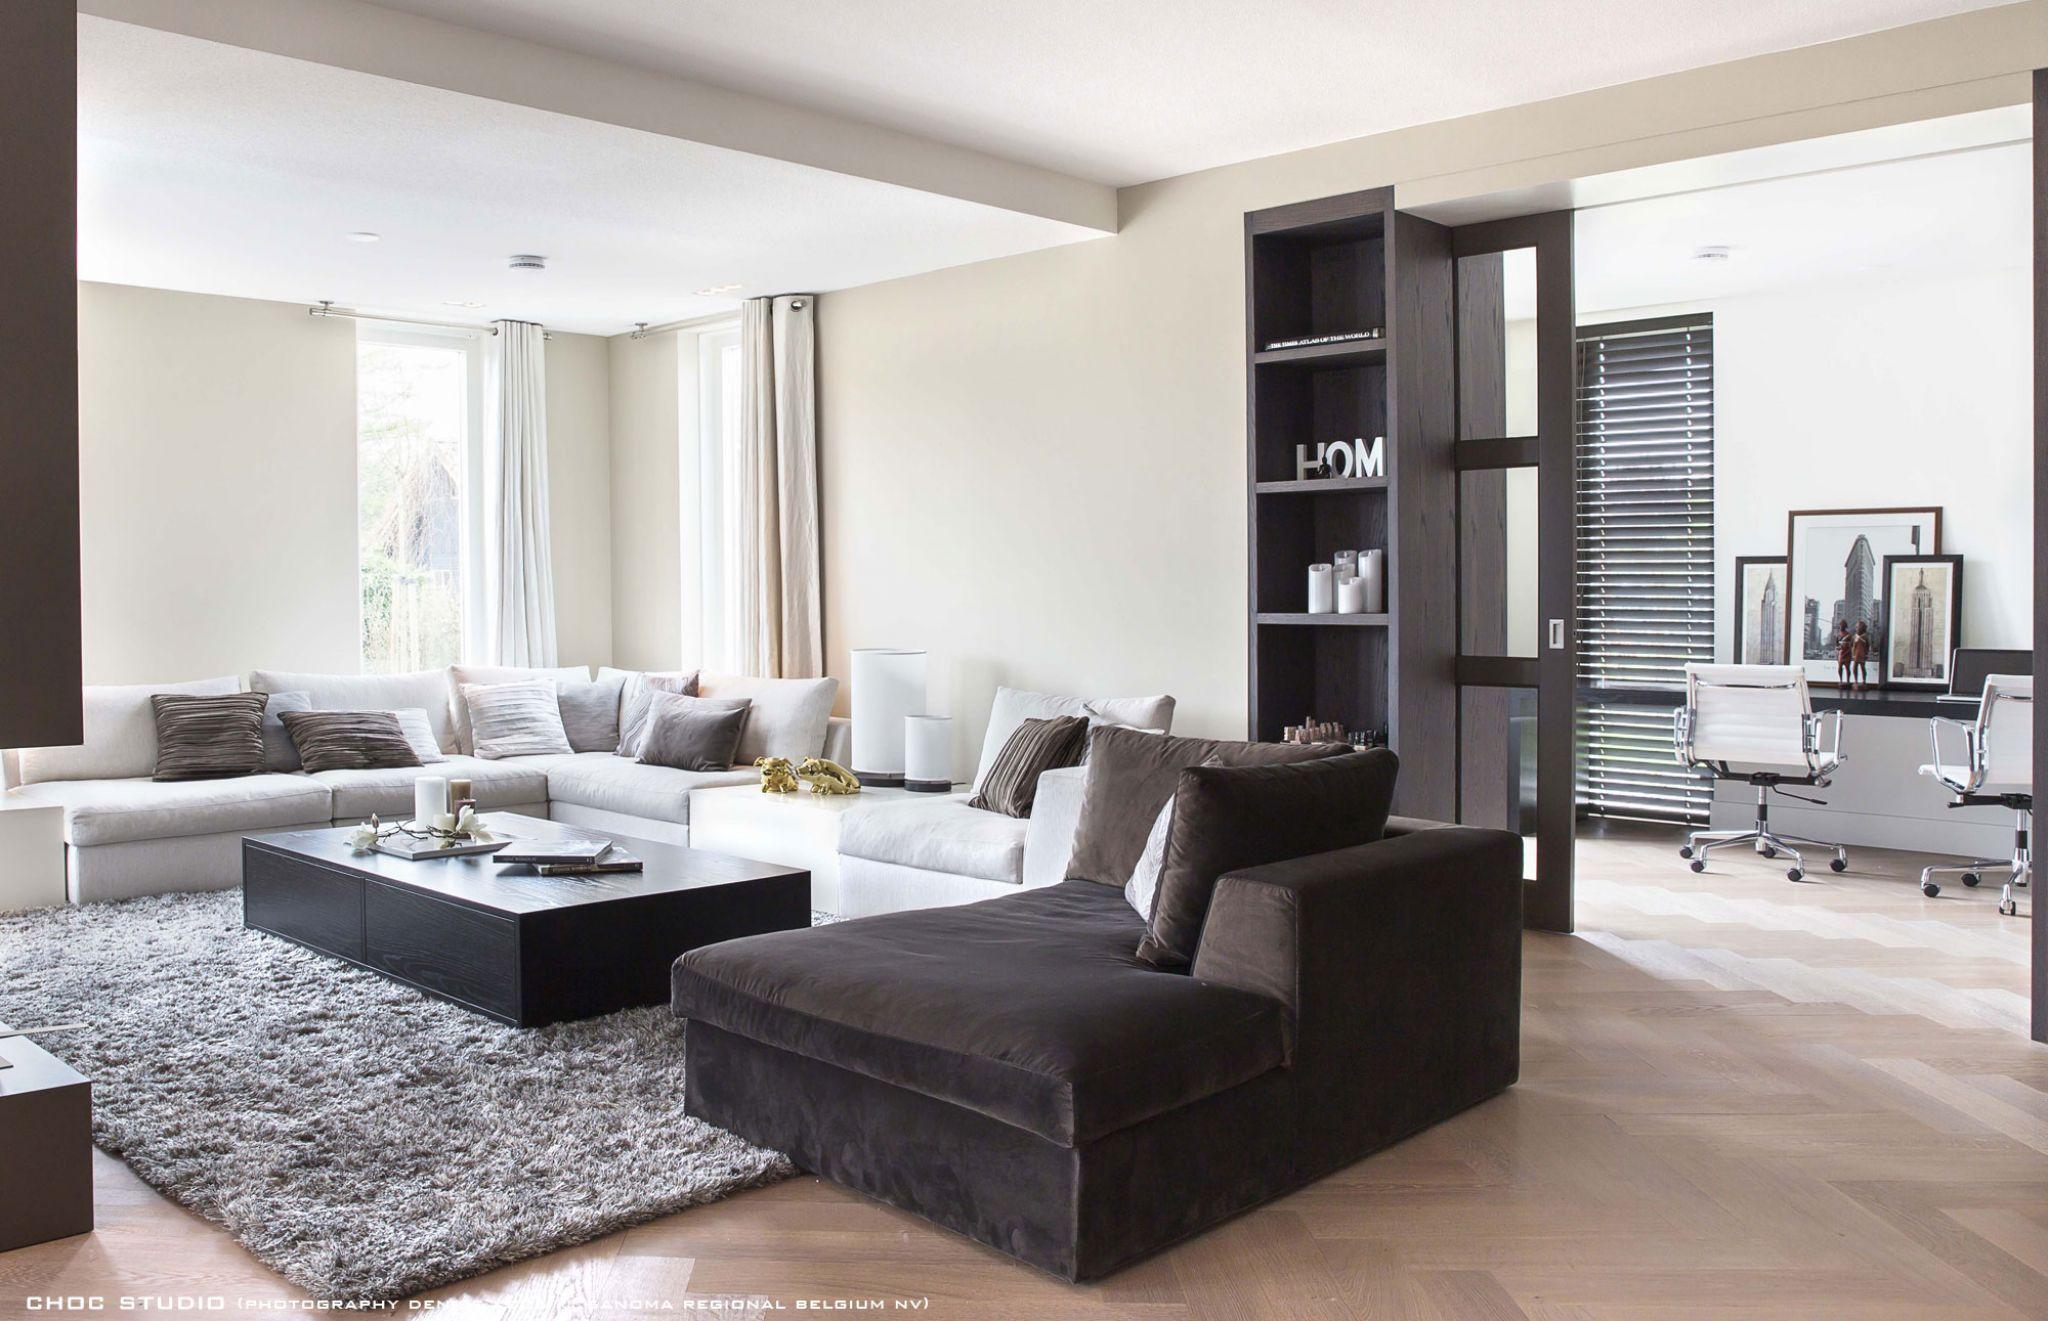 Tijdloos en luxe interieur nieuwbouw villa choc studio obly